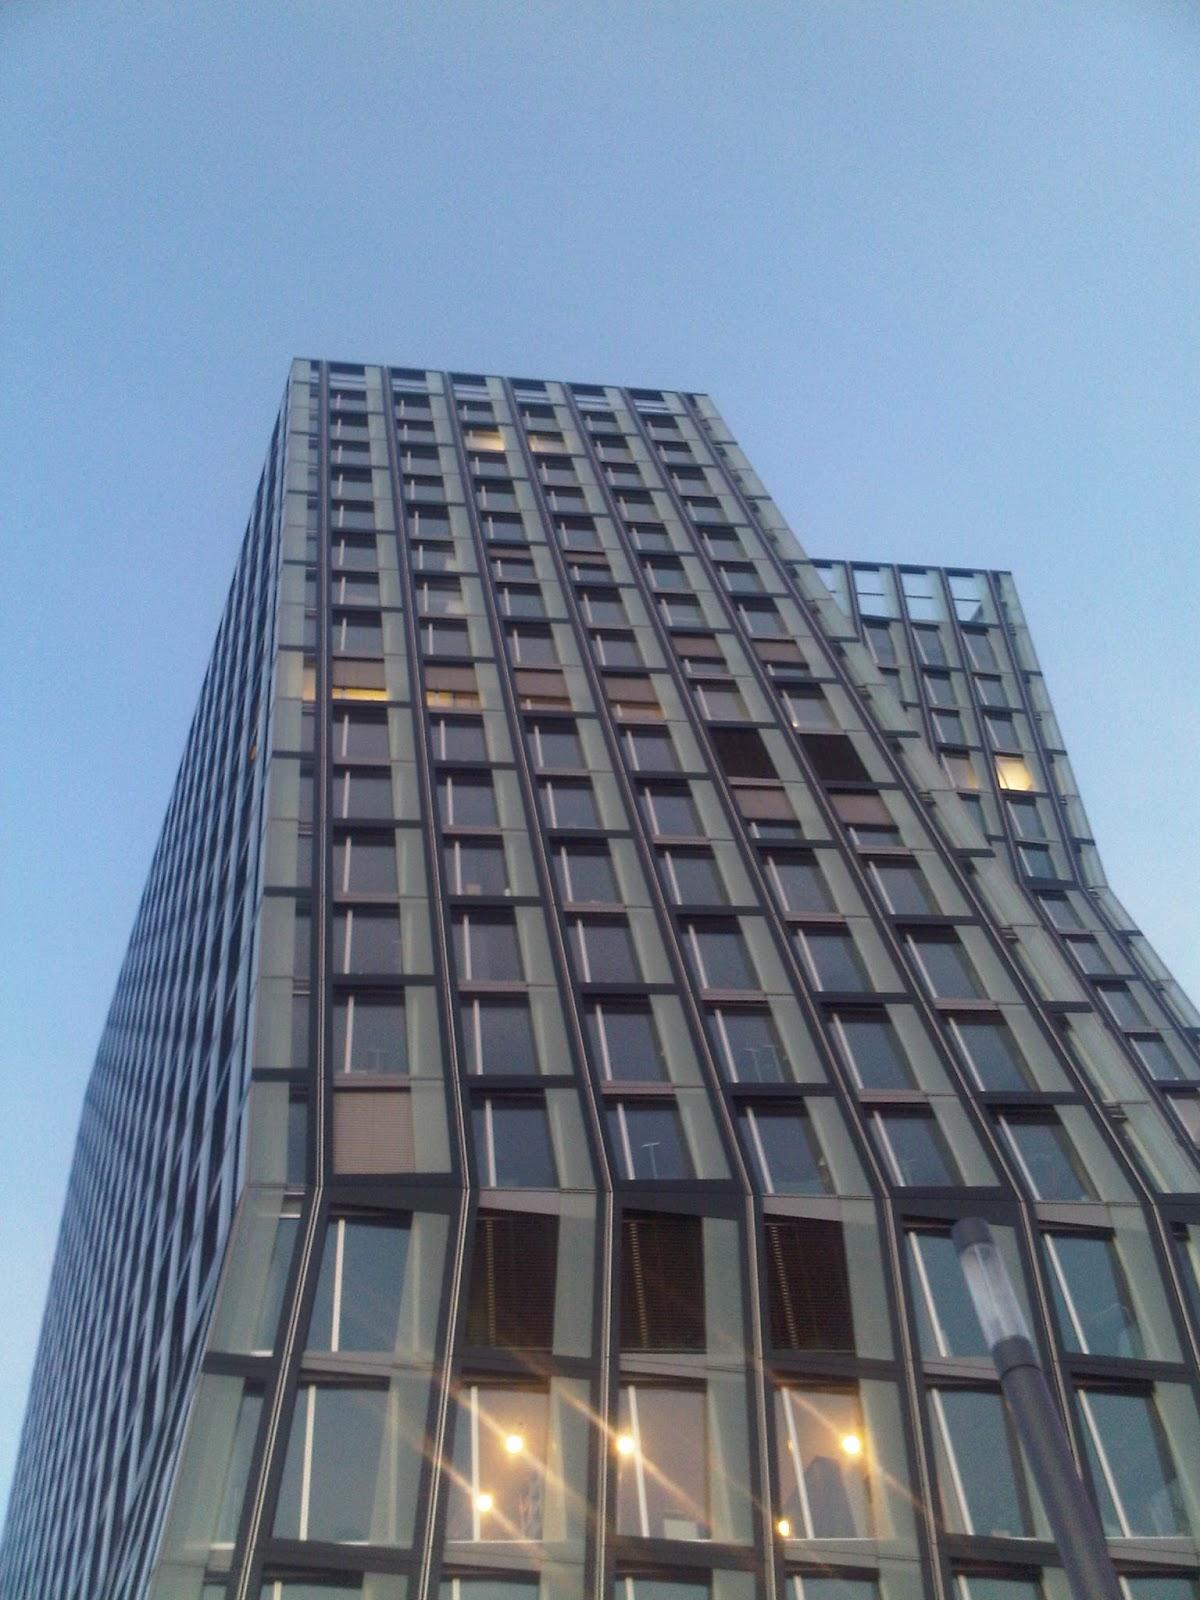 Tanzende Türme auf St. Pauli. Sonnenreflexion in den Fenstern.